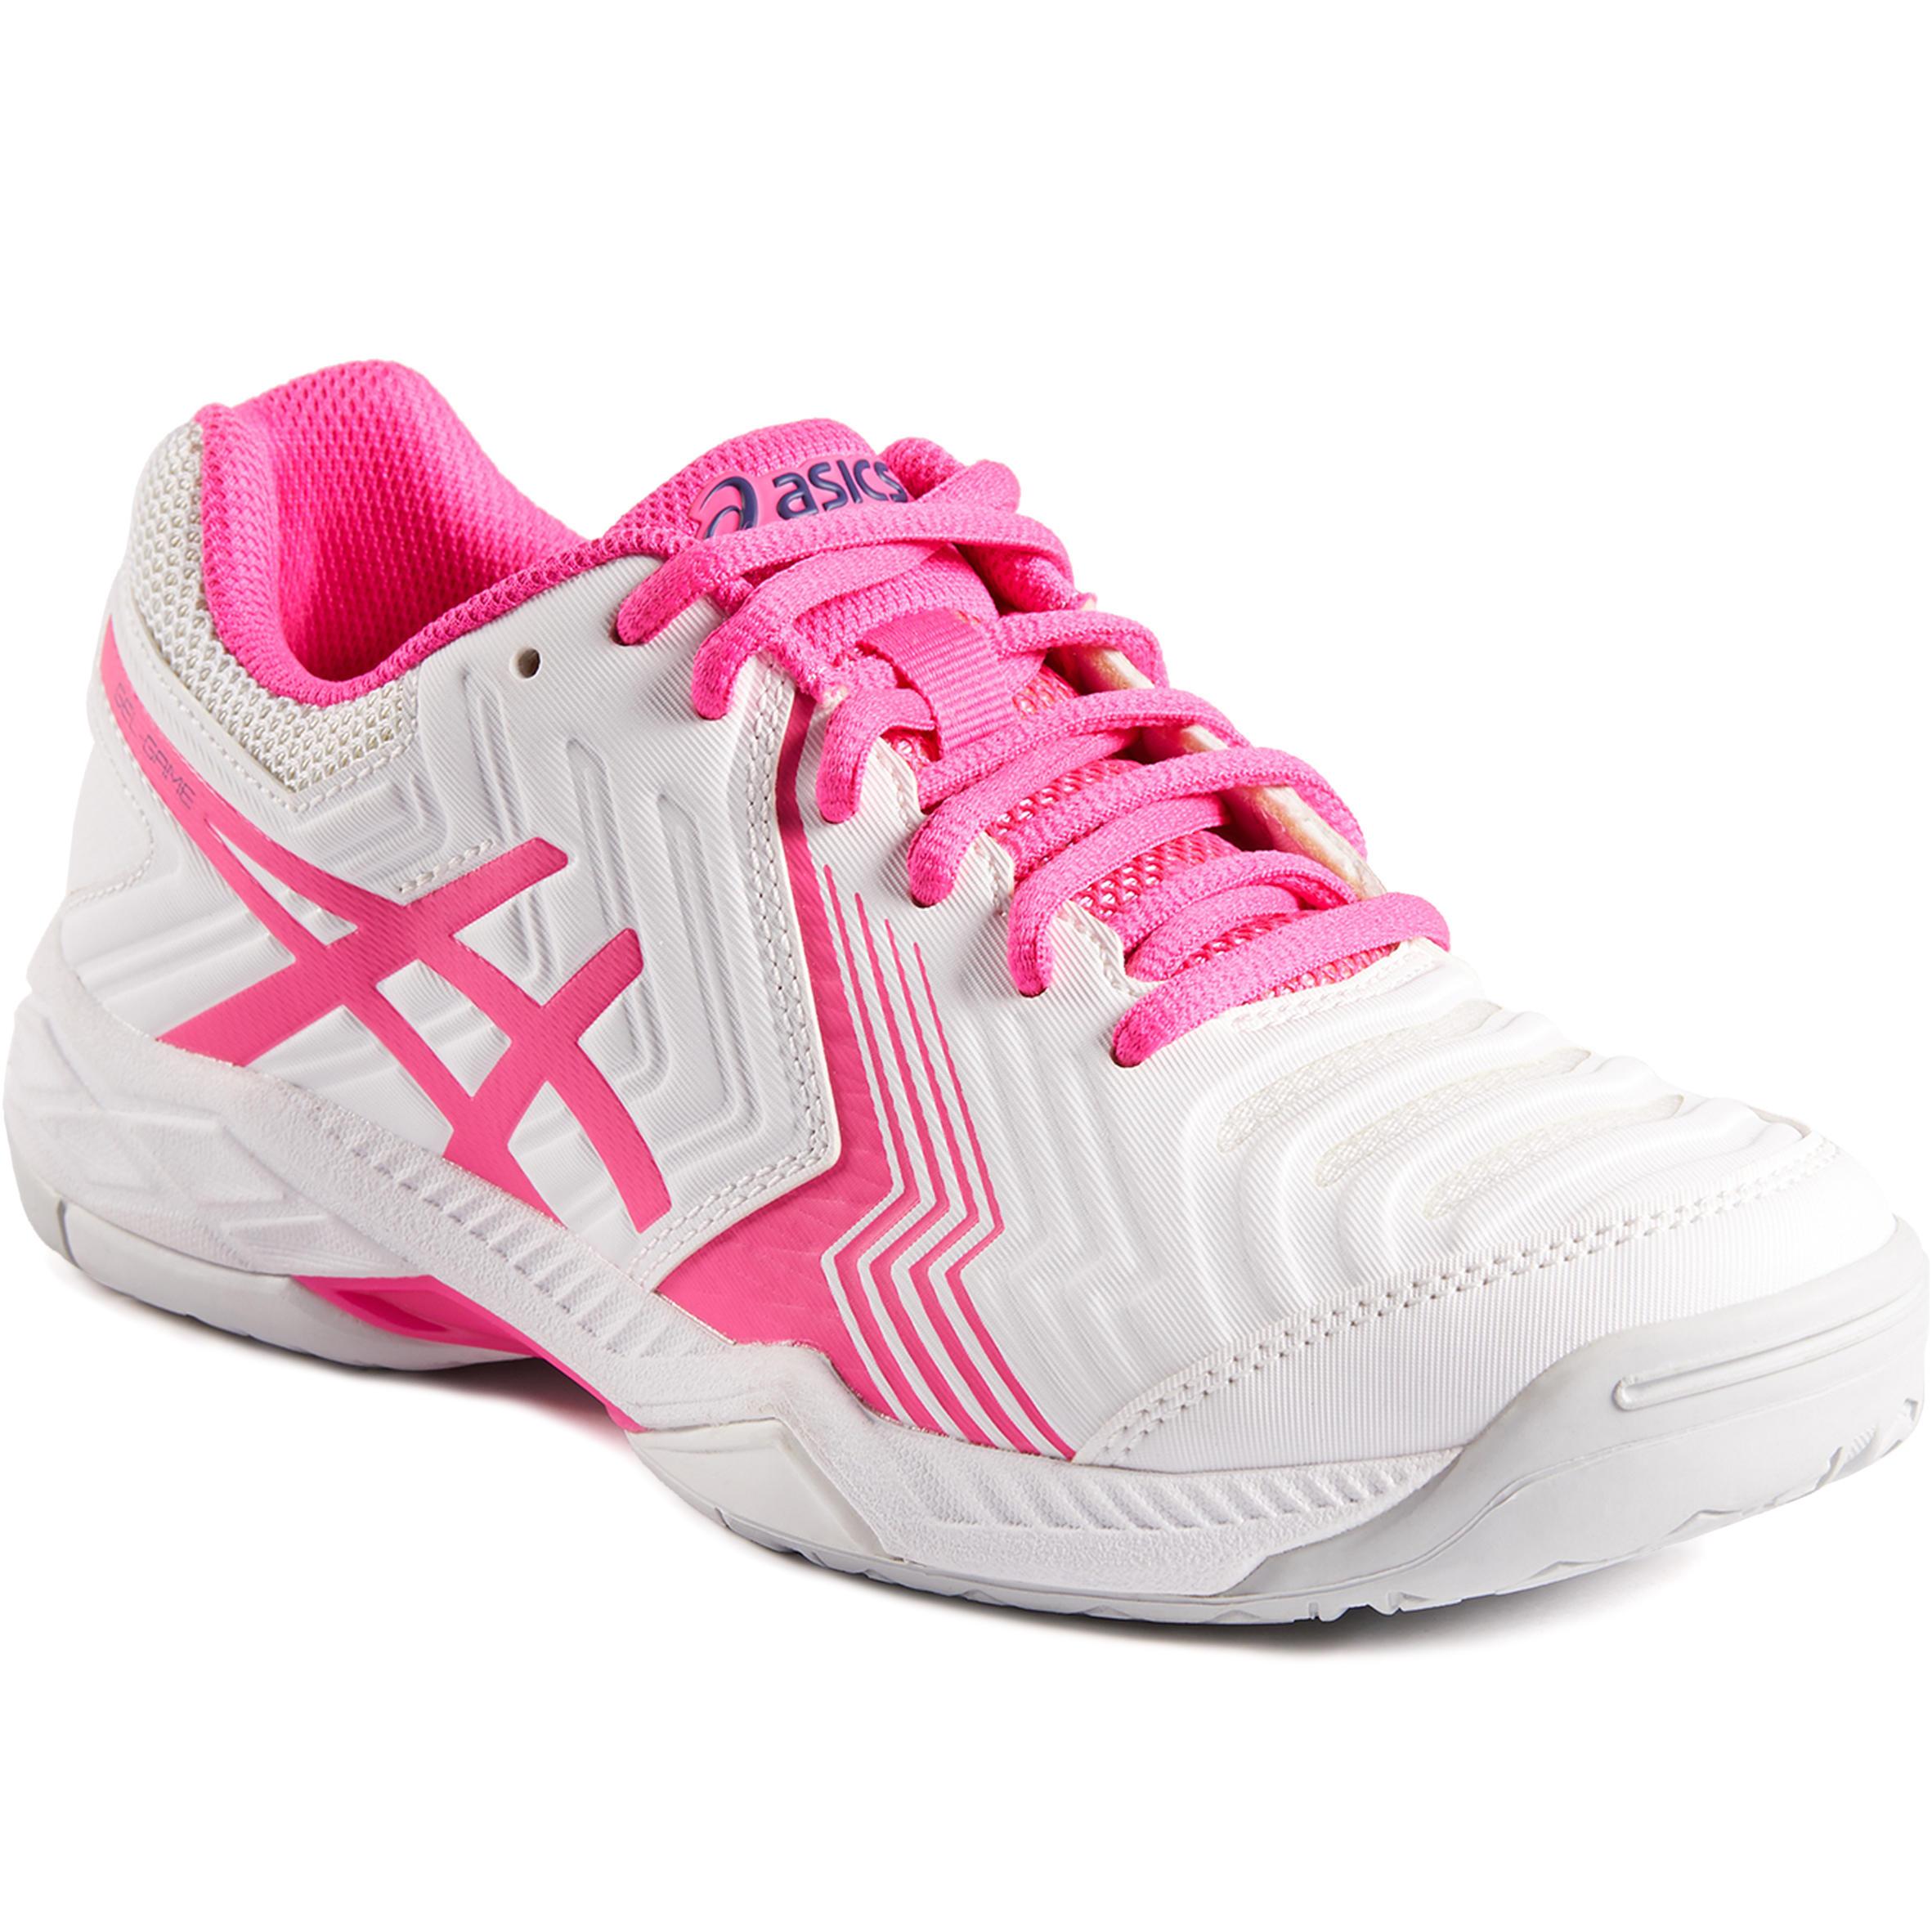 2462361 Asics Tennisschoenen voor dames Gel Game wit roze